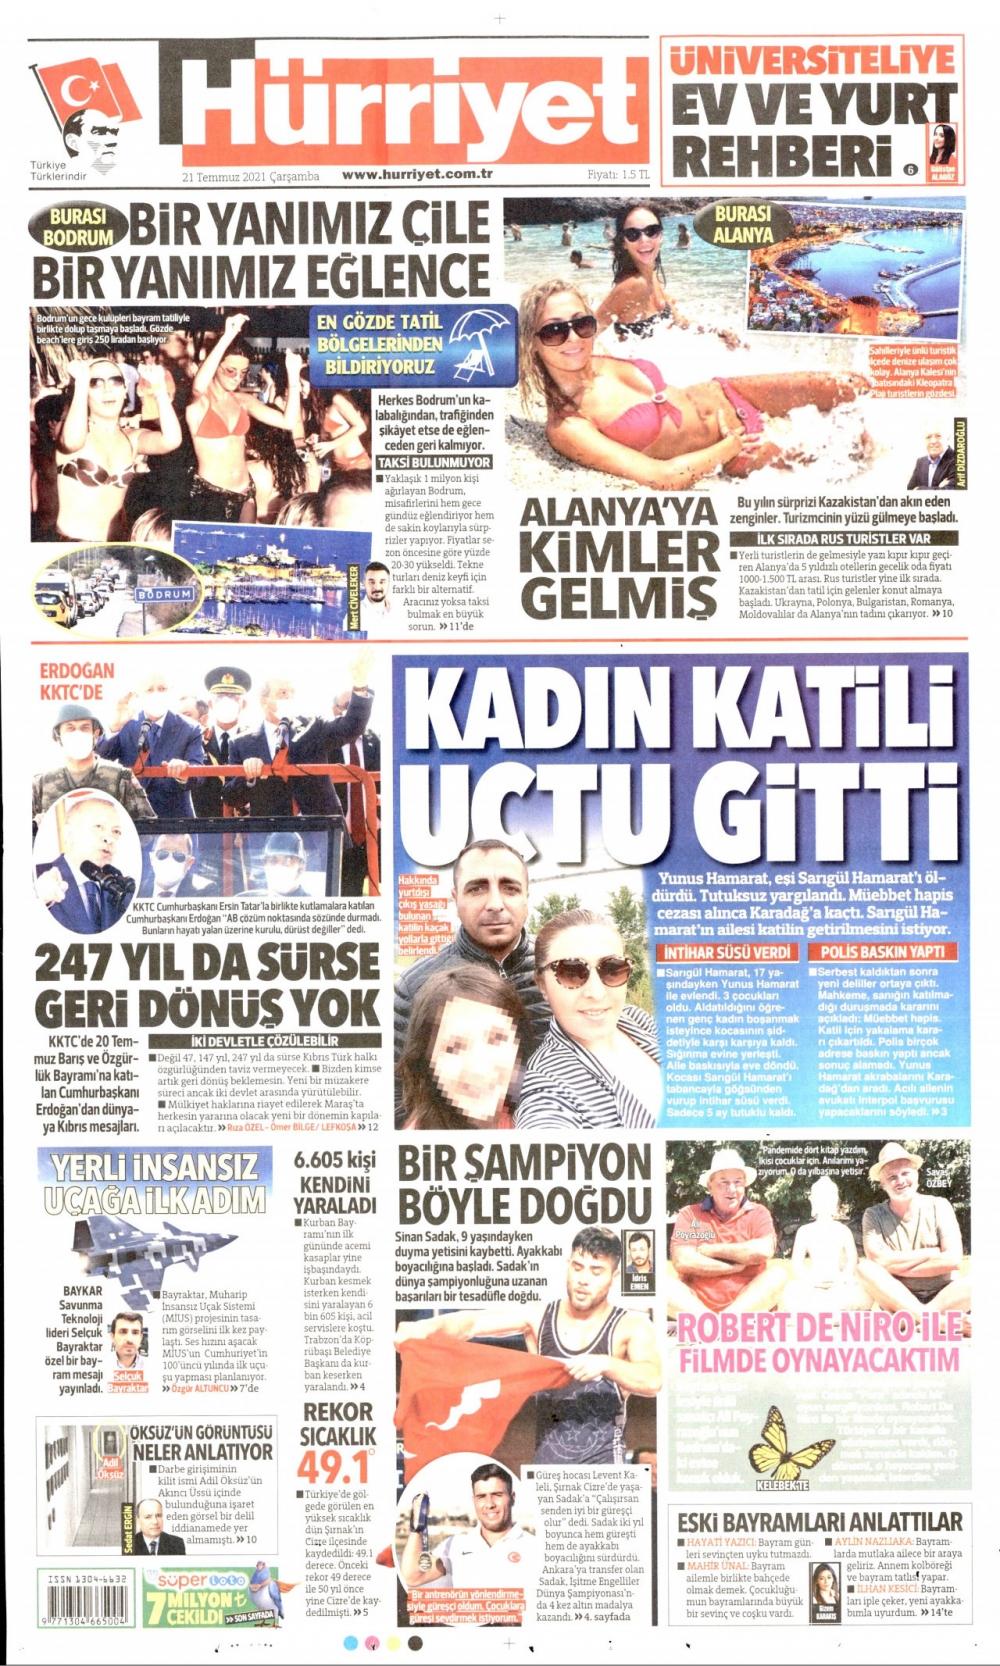 Günün Gazete Manşetleri 21 Temmuz 2021 Gazeteler Ne Diyor? 1